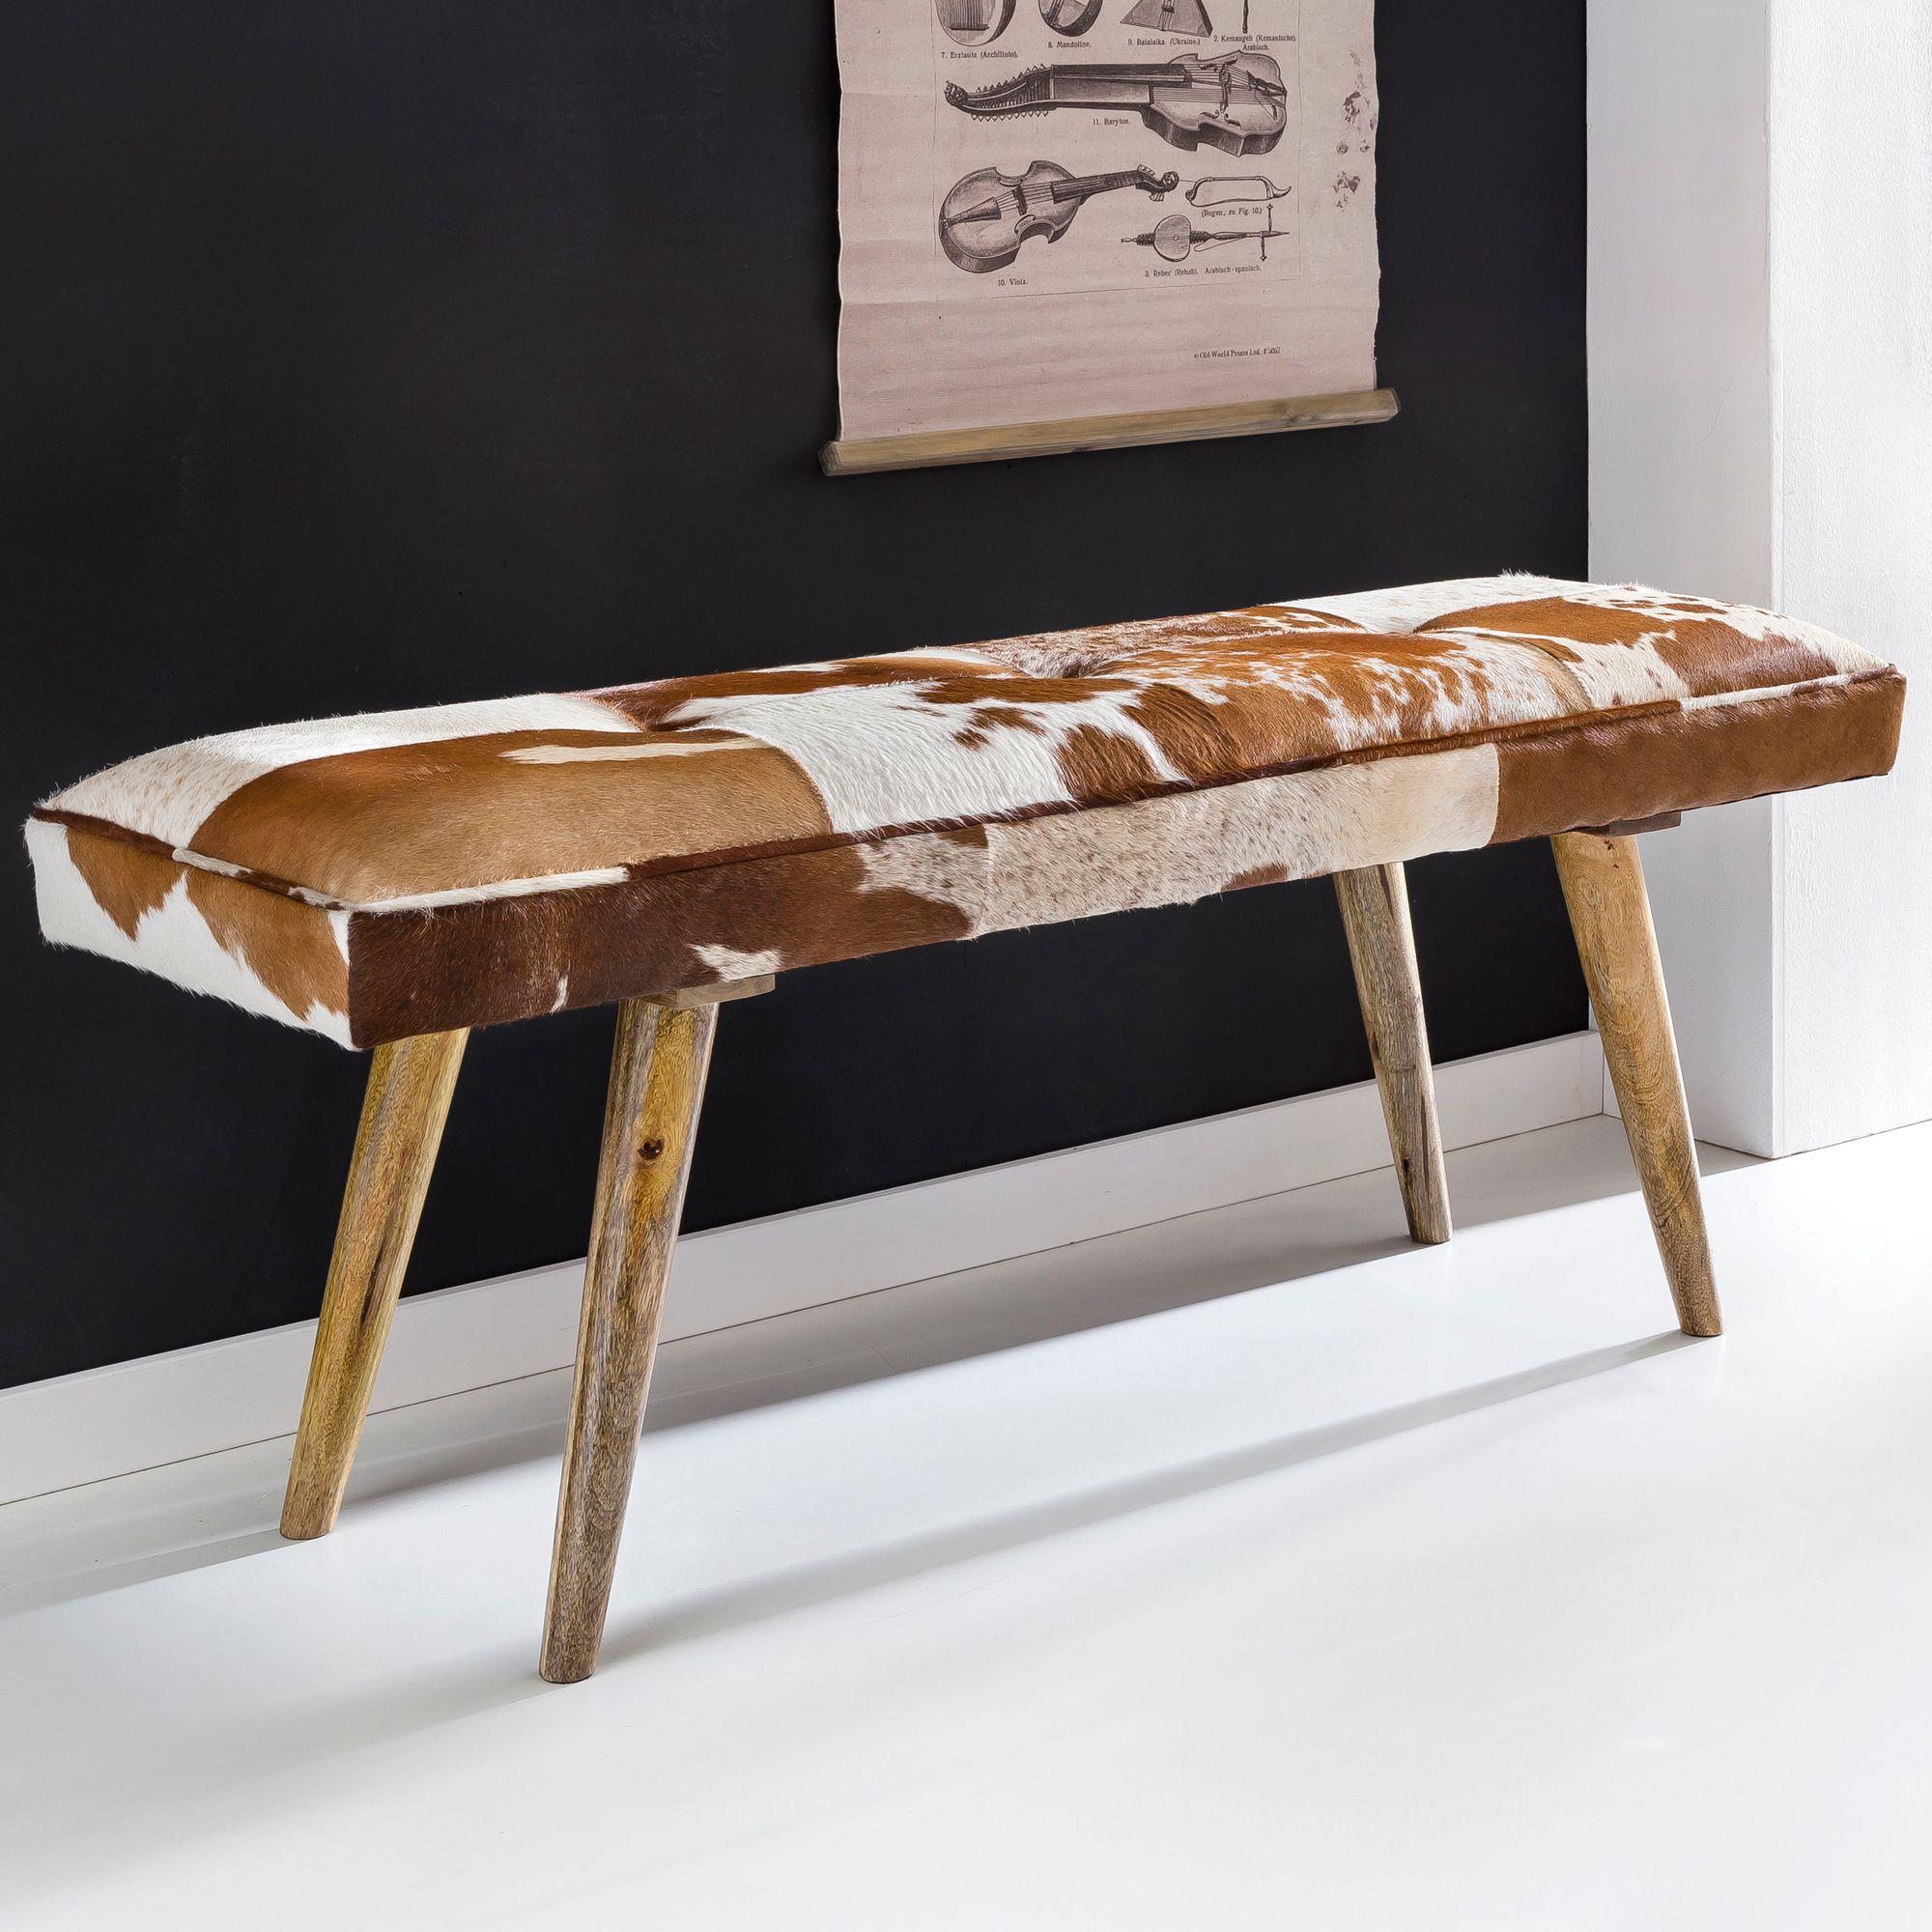 Holzbank industrie design  FineBuy Sitzbank innen aus echtem Ziegenfell Braun Weiß 120 x 40 x ...